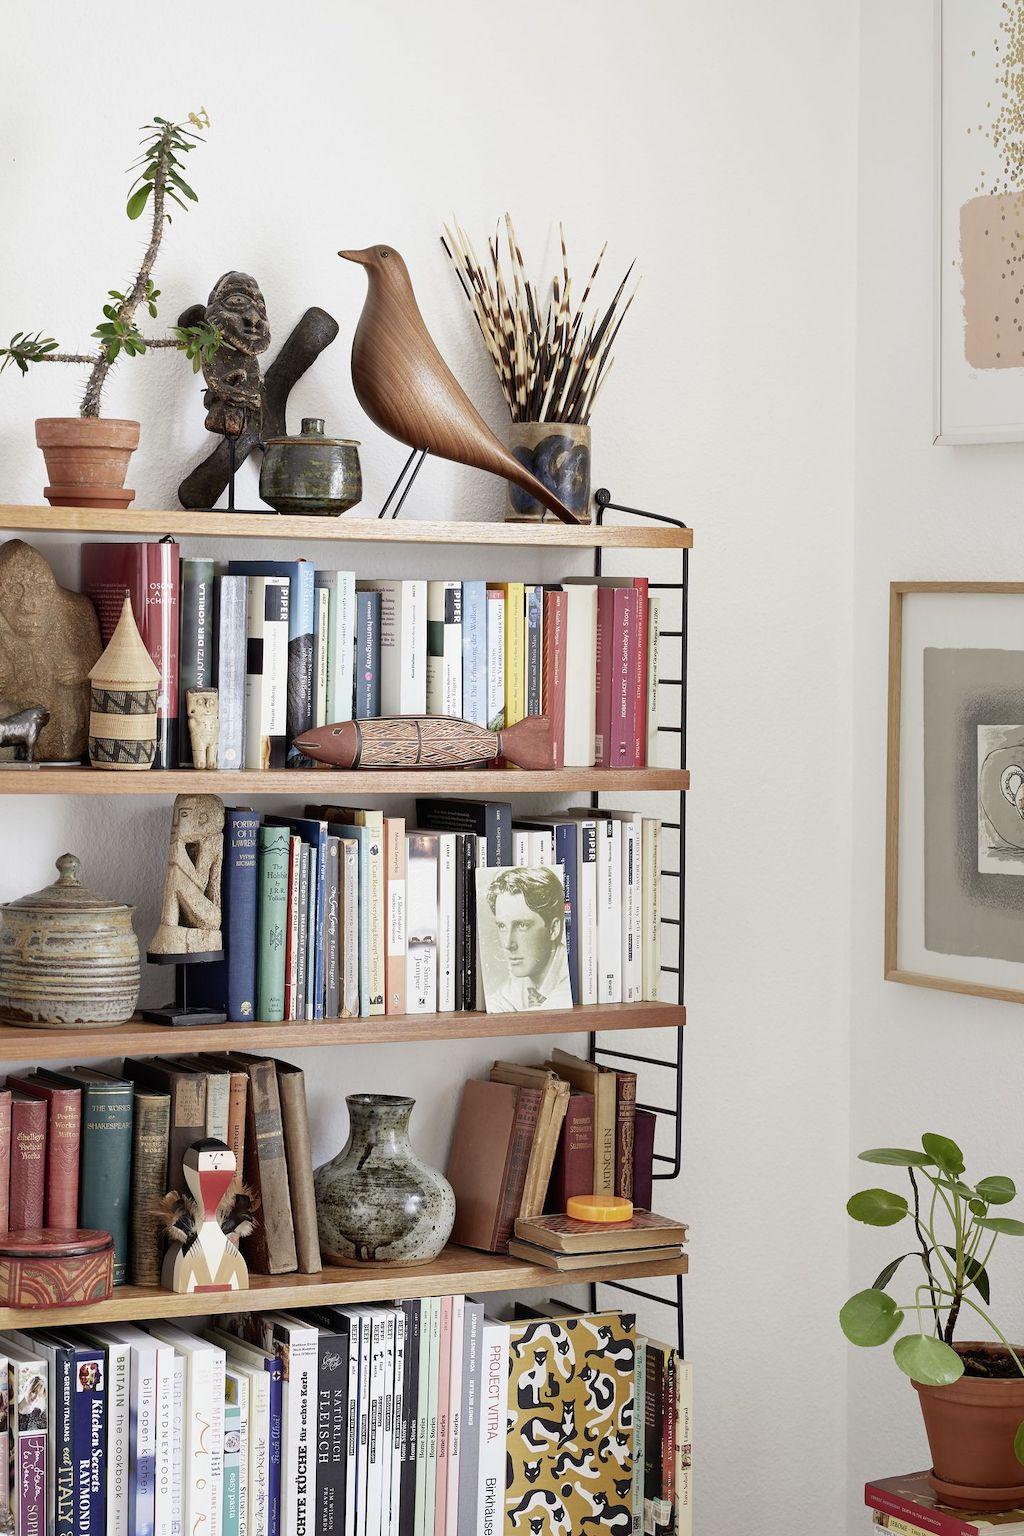 Bücherregal mit Büchern, Keramiken und einen Eames House Bird